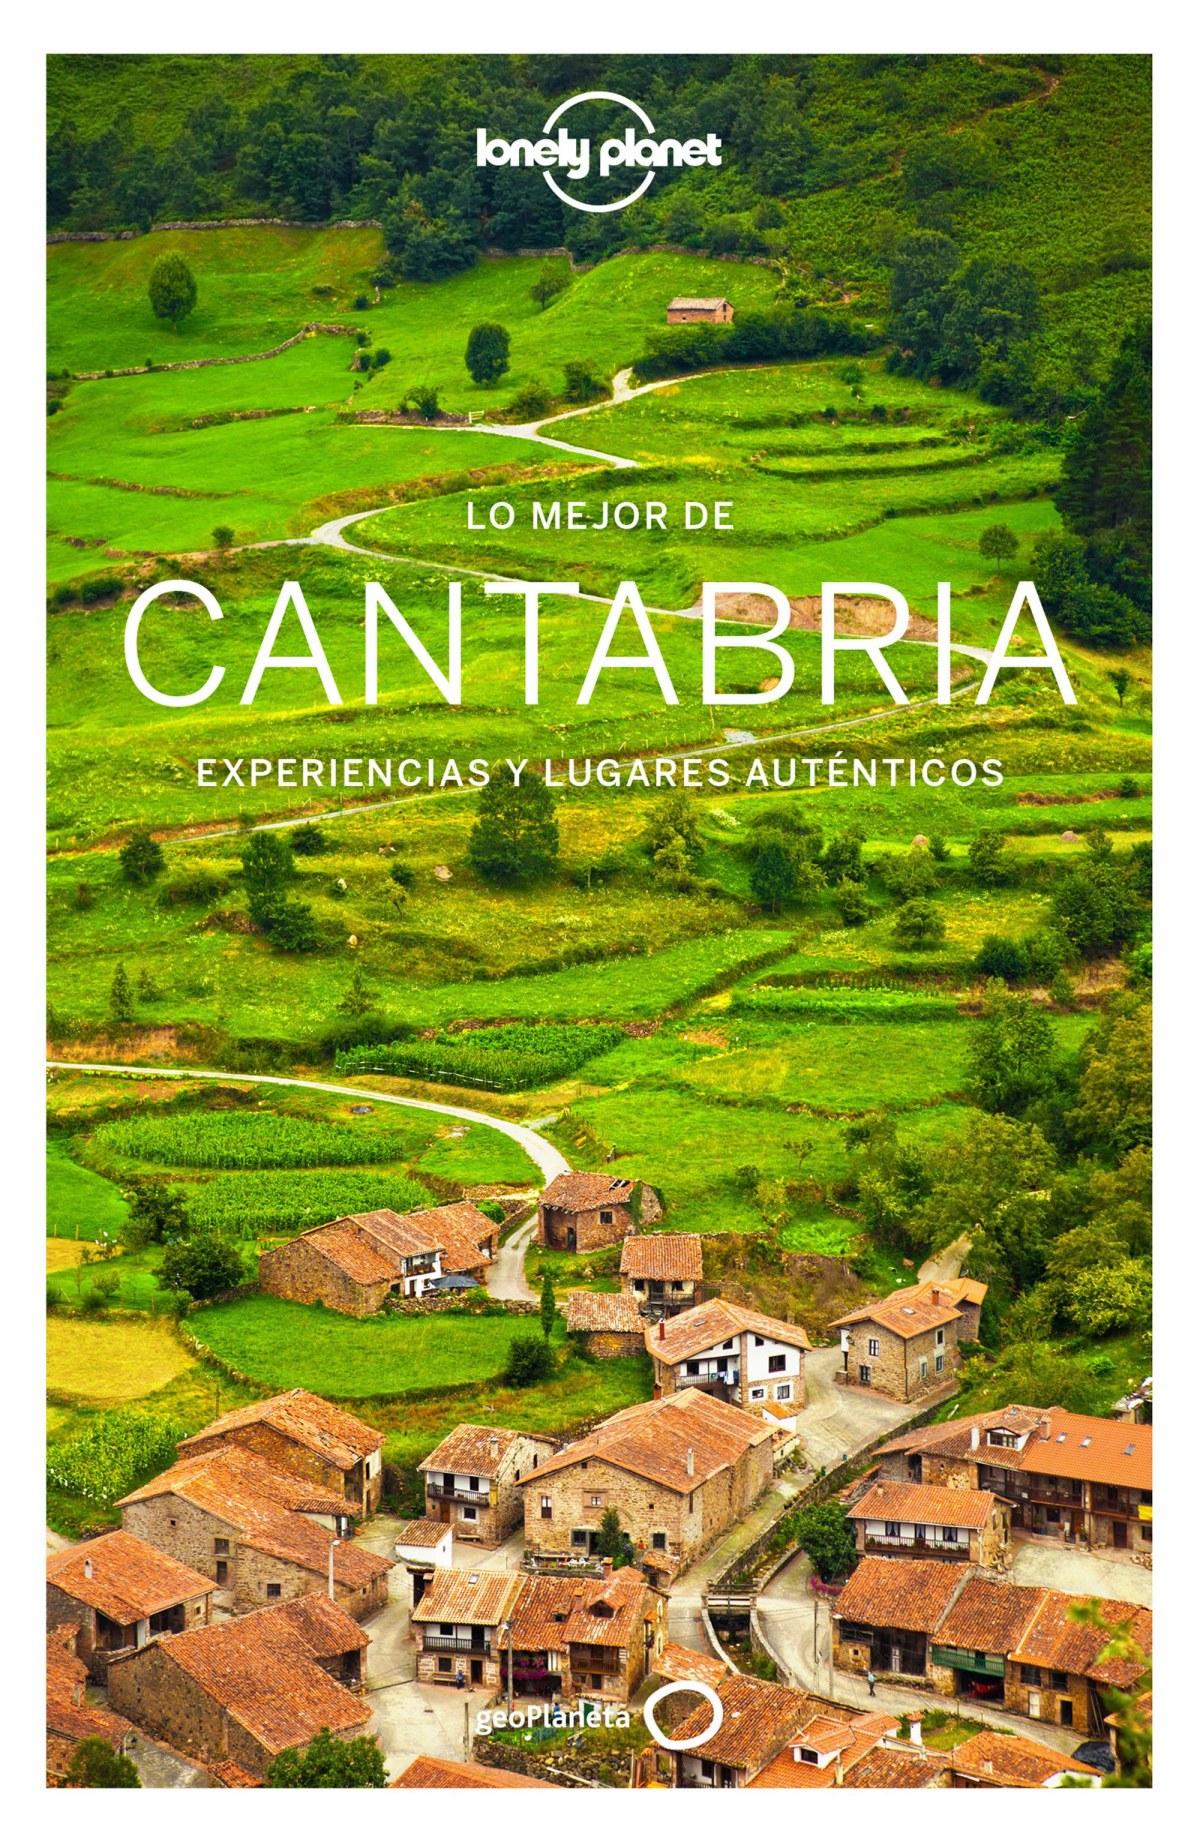 LO MEJOR DE CANTABRIA 2019